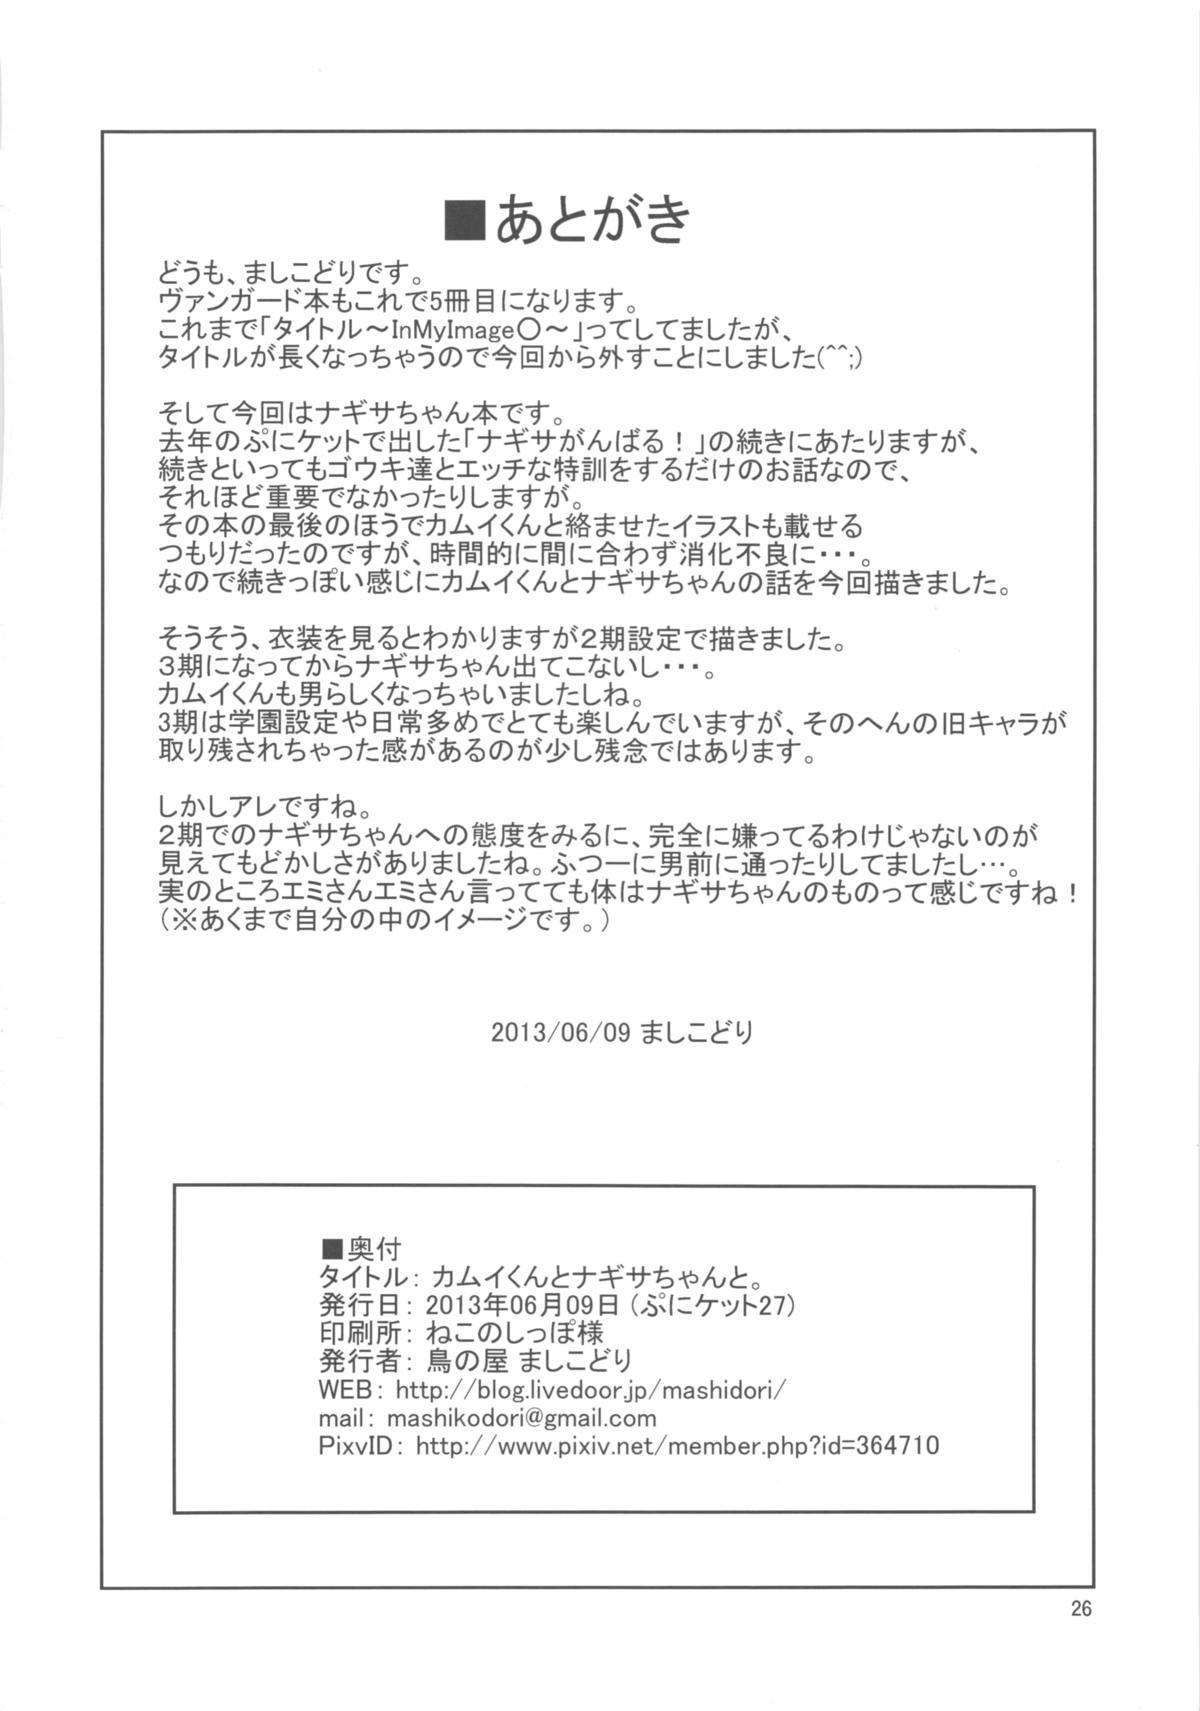 (Puniket 27) [Tori no Ya (Mashikodori)] Kamui-kun to Nagisa-chan to. (Cardfight!! Vanguard) 25